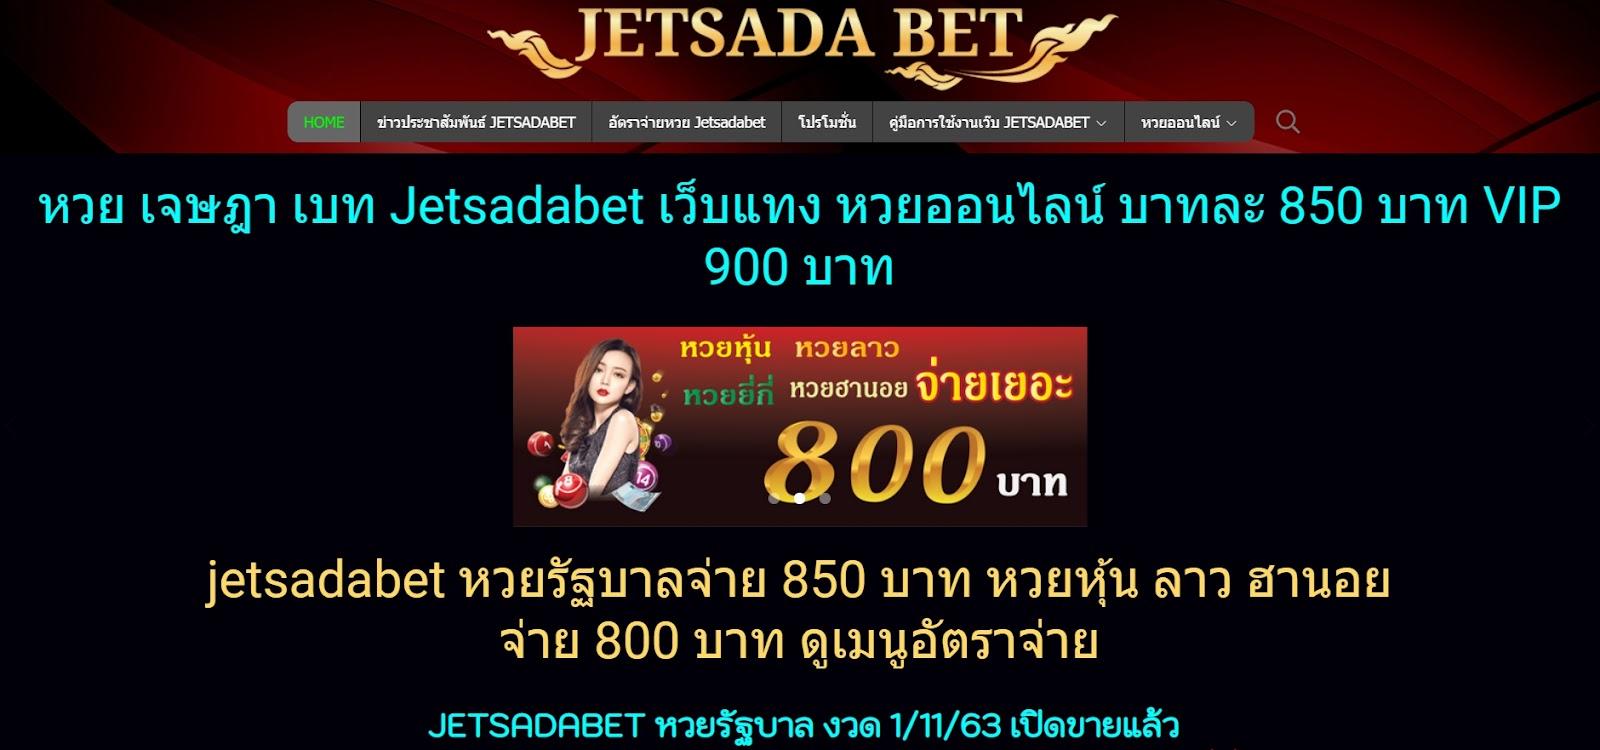 อันดับ 4 เว็บแทงหวยออนไลน์ Jetsadabet